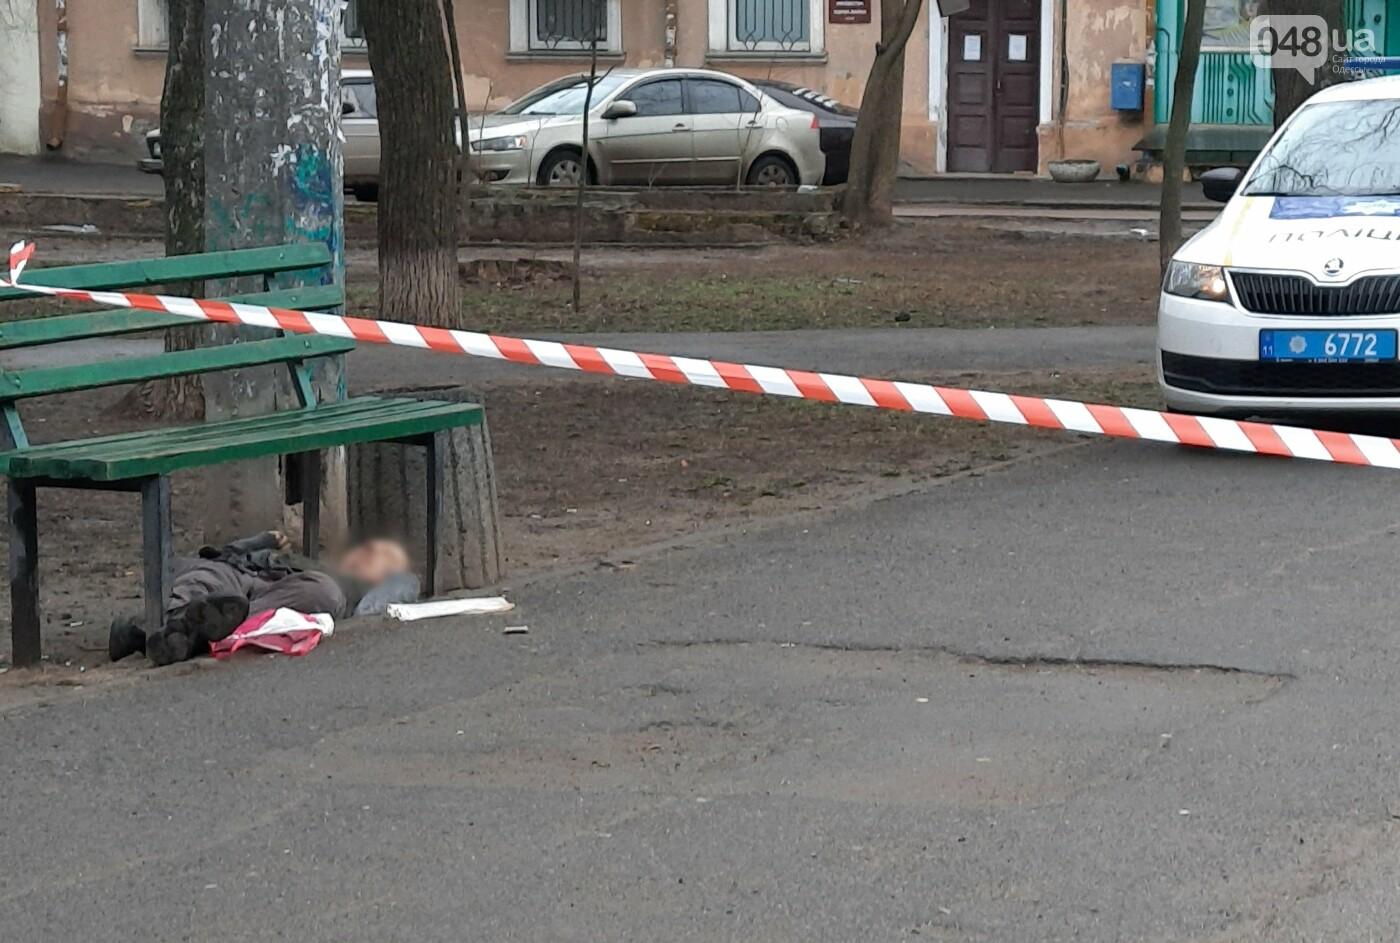 В центре Одессы нашли под лавочкой тело мужчины, - ФОТО, фото-2